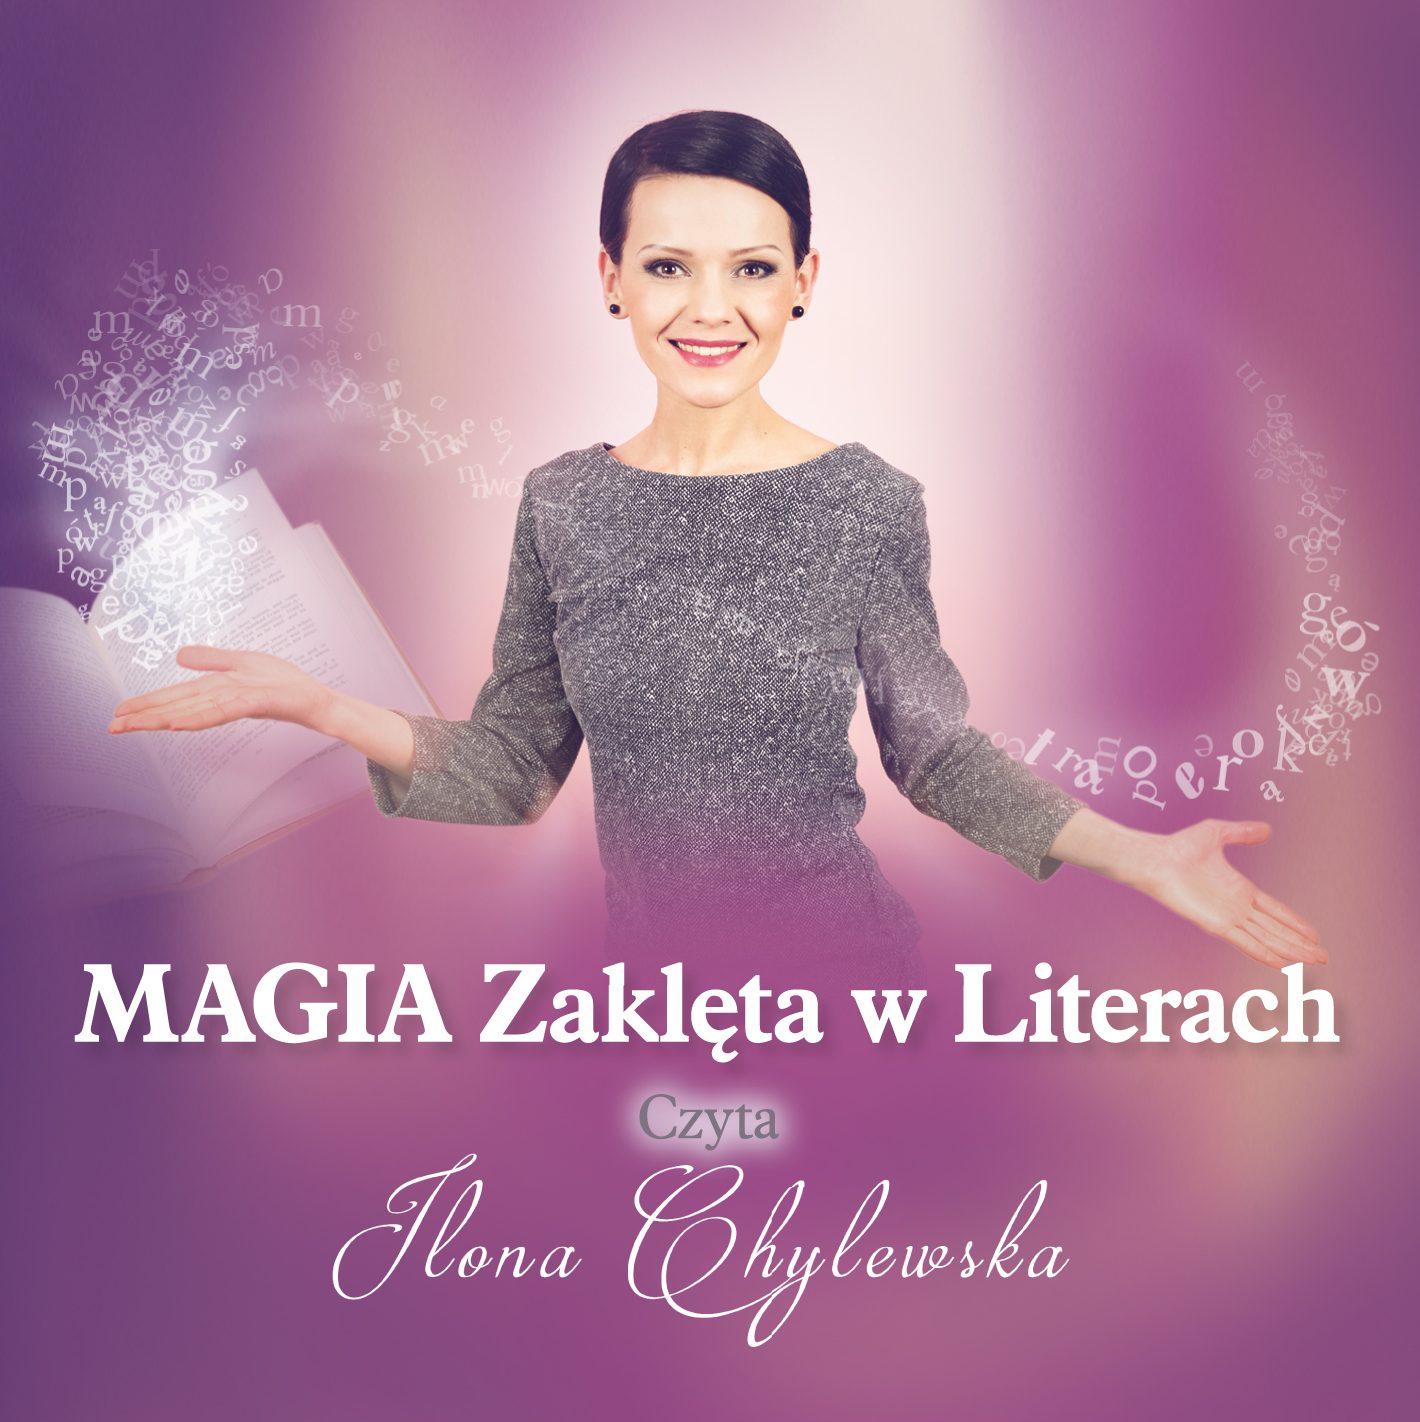 okladka_plyty_Ilona_Chylewska_Magia_Zakleta_w_Literach (1)